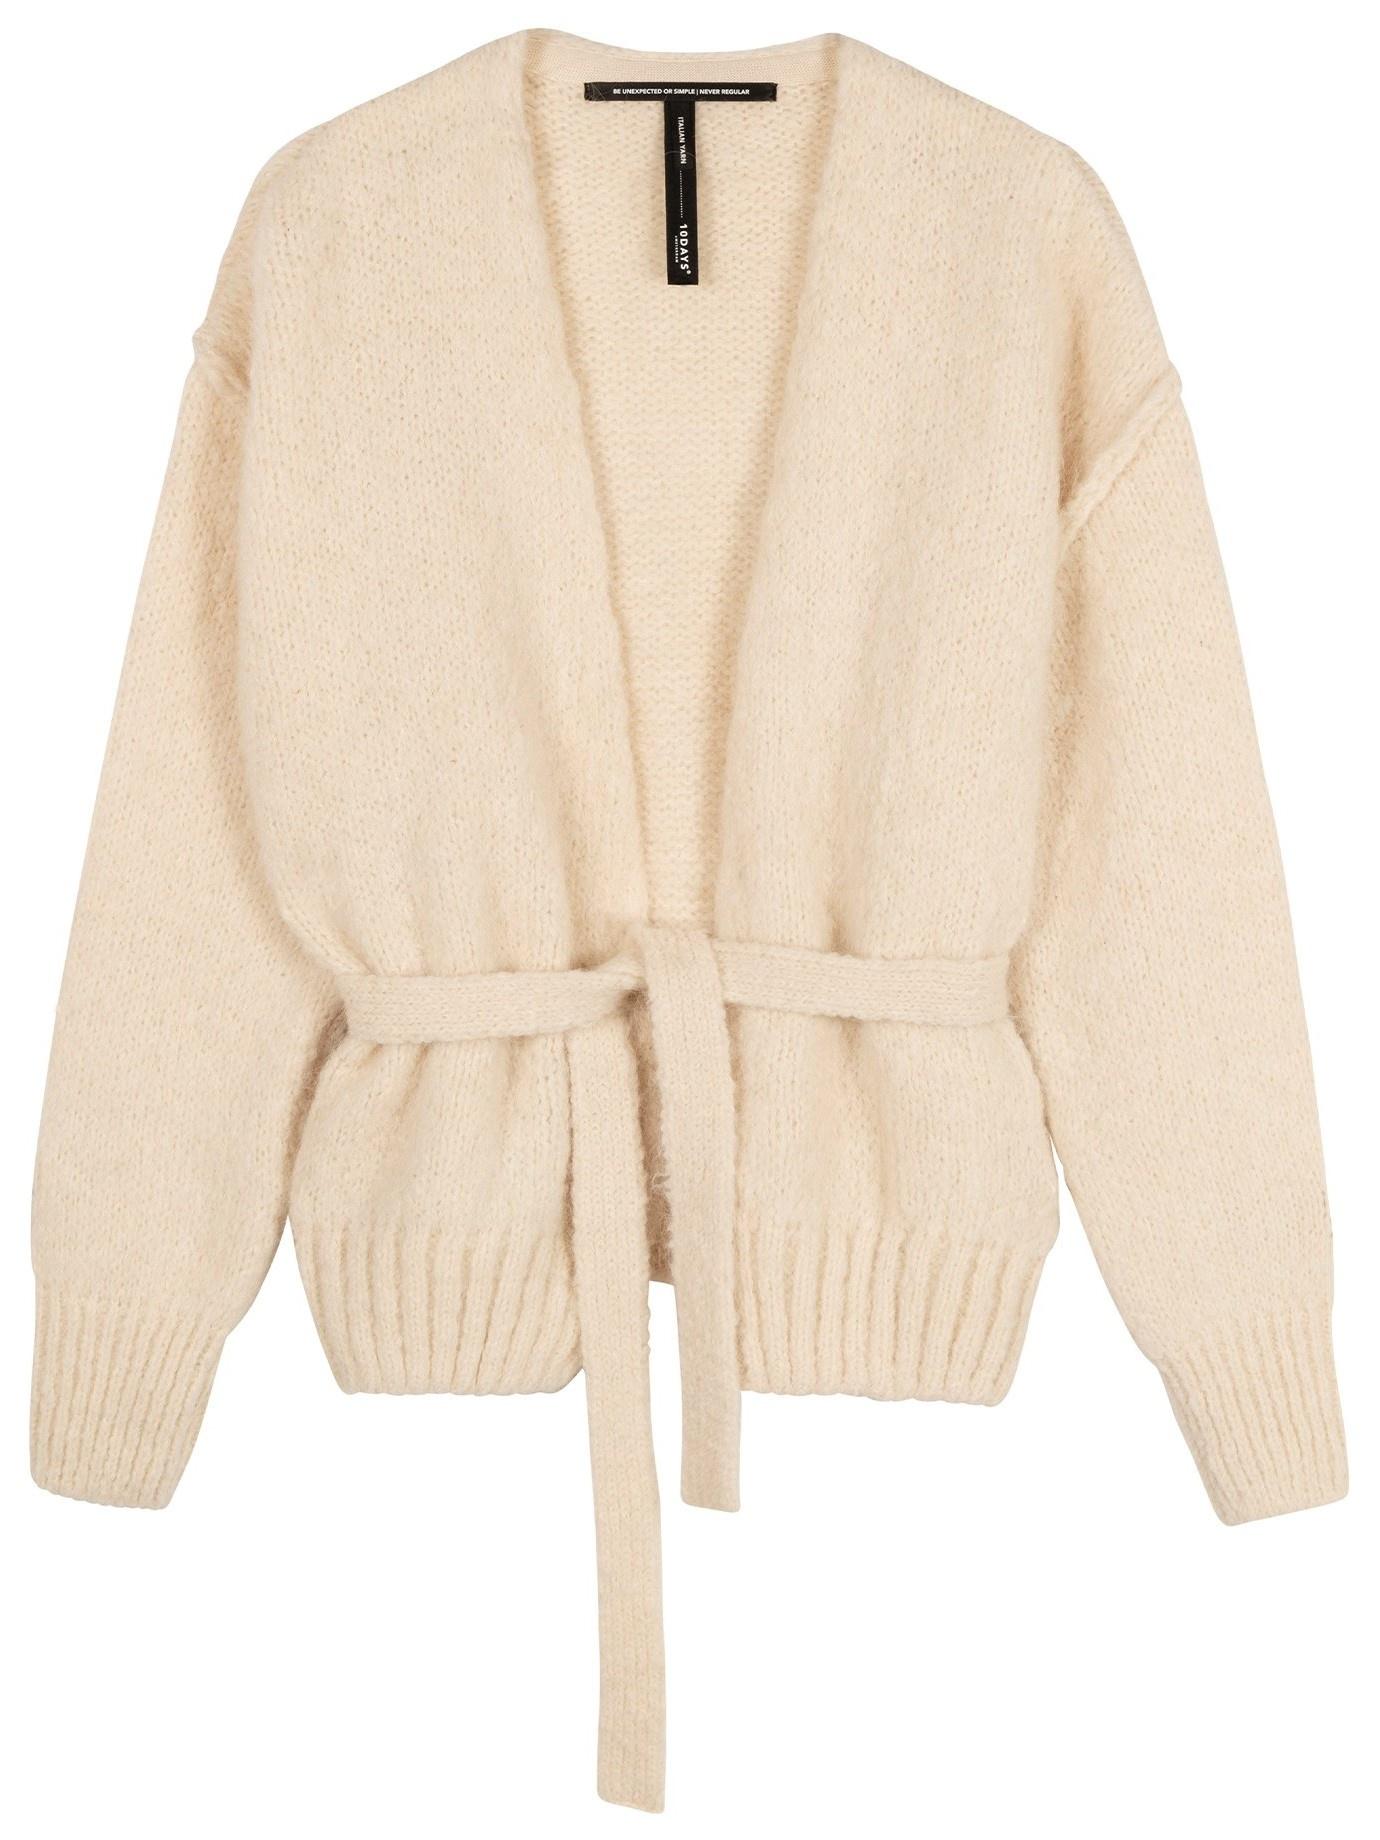 Vest short cardigan winter white-1